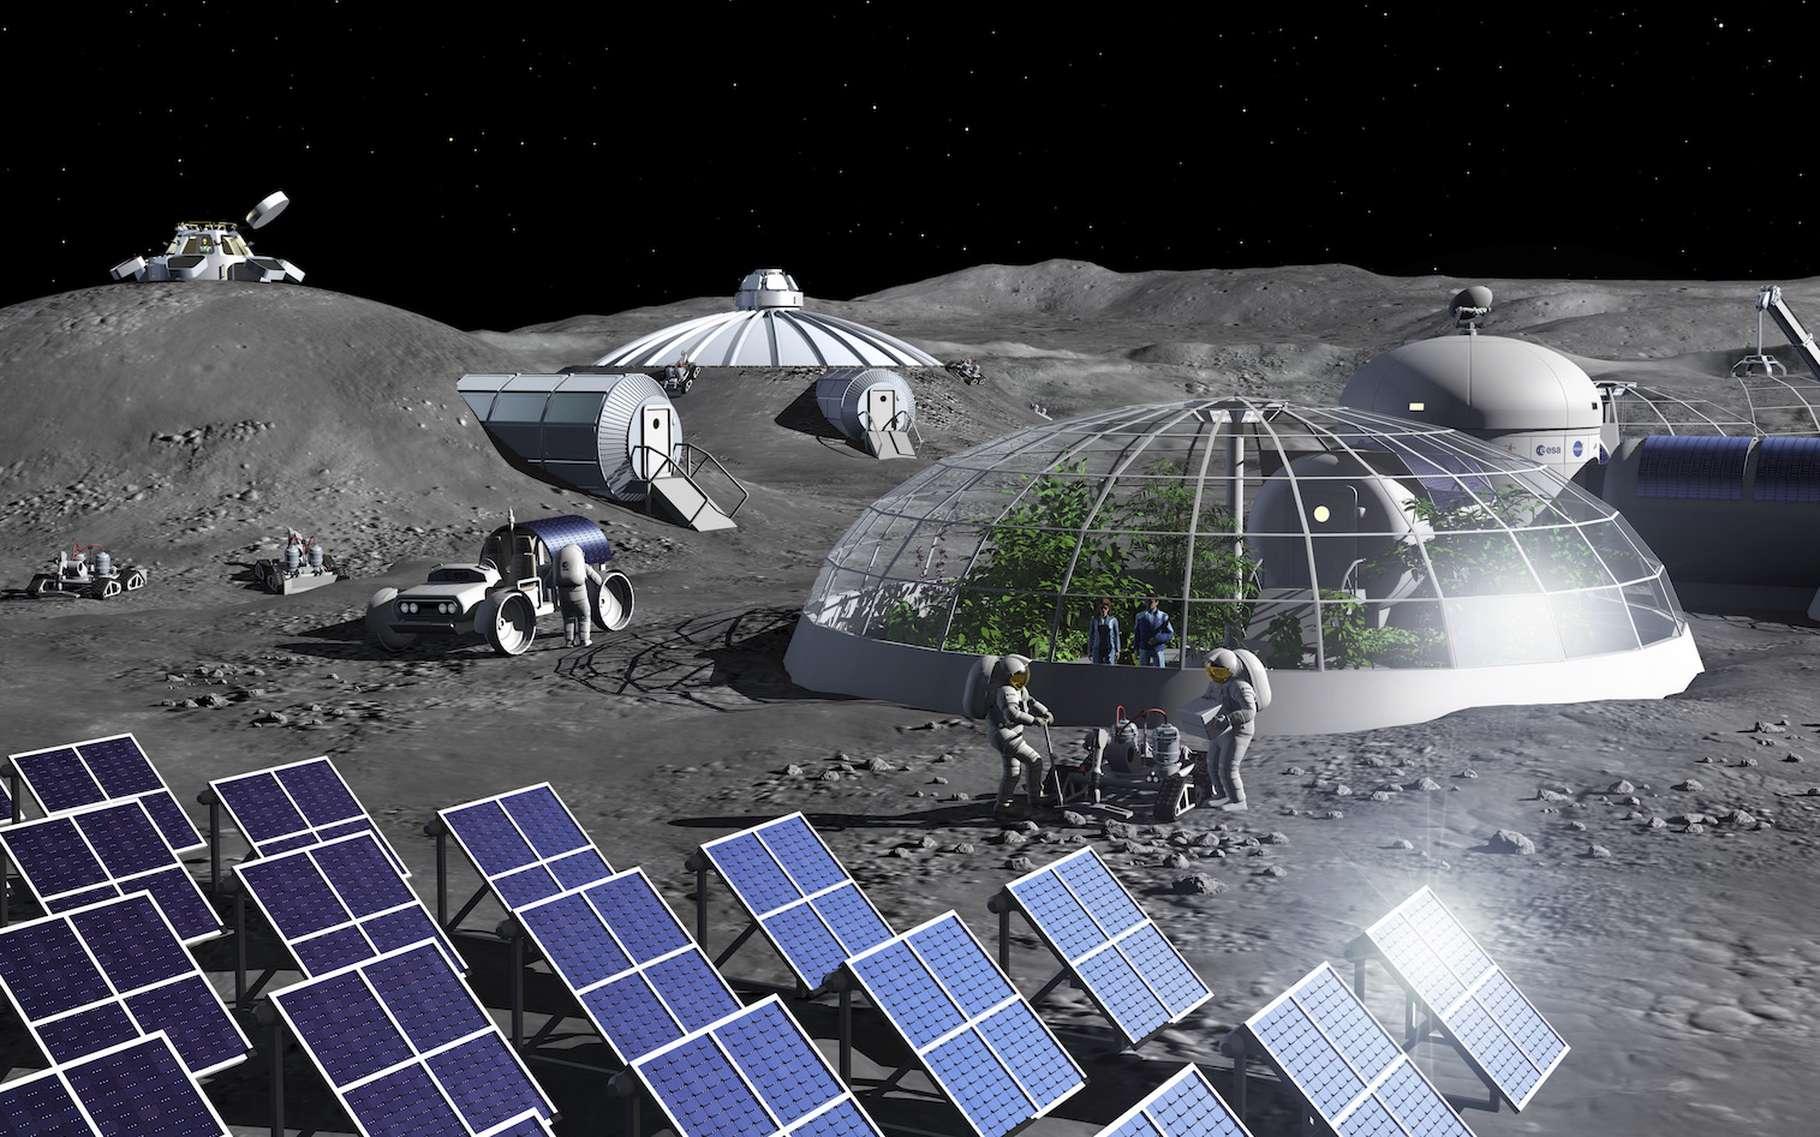 Les futures bases lunaires auront besoin d'oxygène. Et les colons vivant sur place pourront le produire à partir du régolithe lunaire. C'est ce qu'imaginent les ingénieurs de l'Agence spatiale européenne (ESA). © P. Carril, ESA